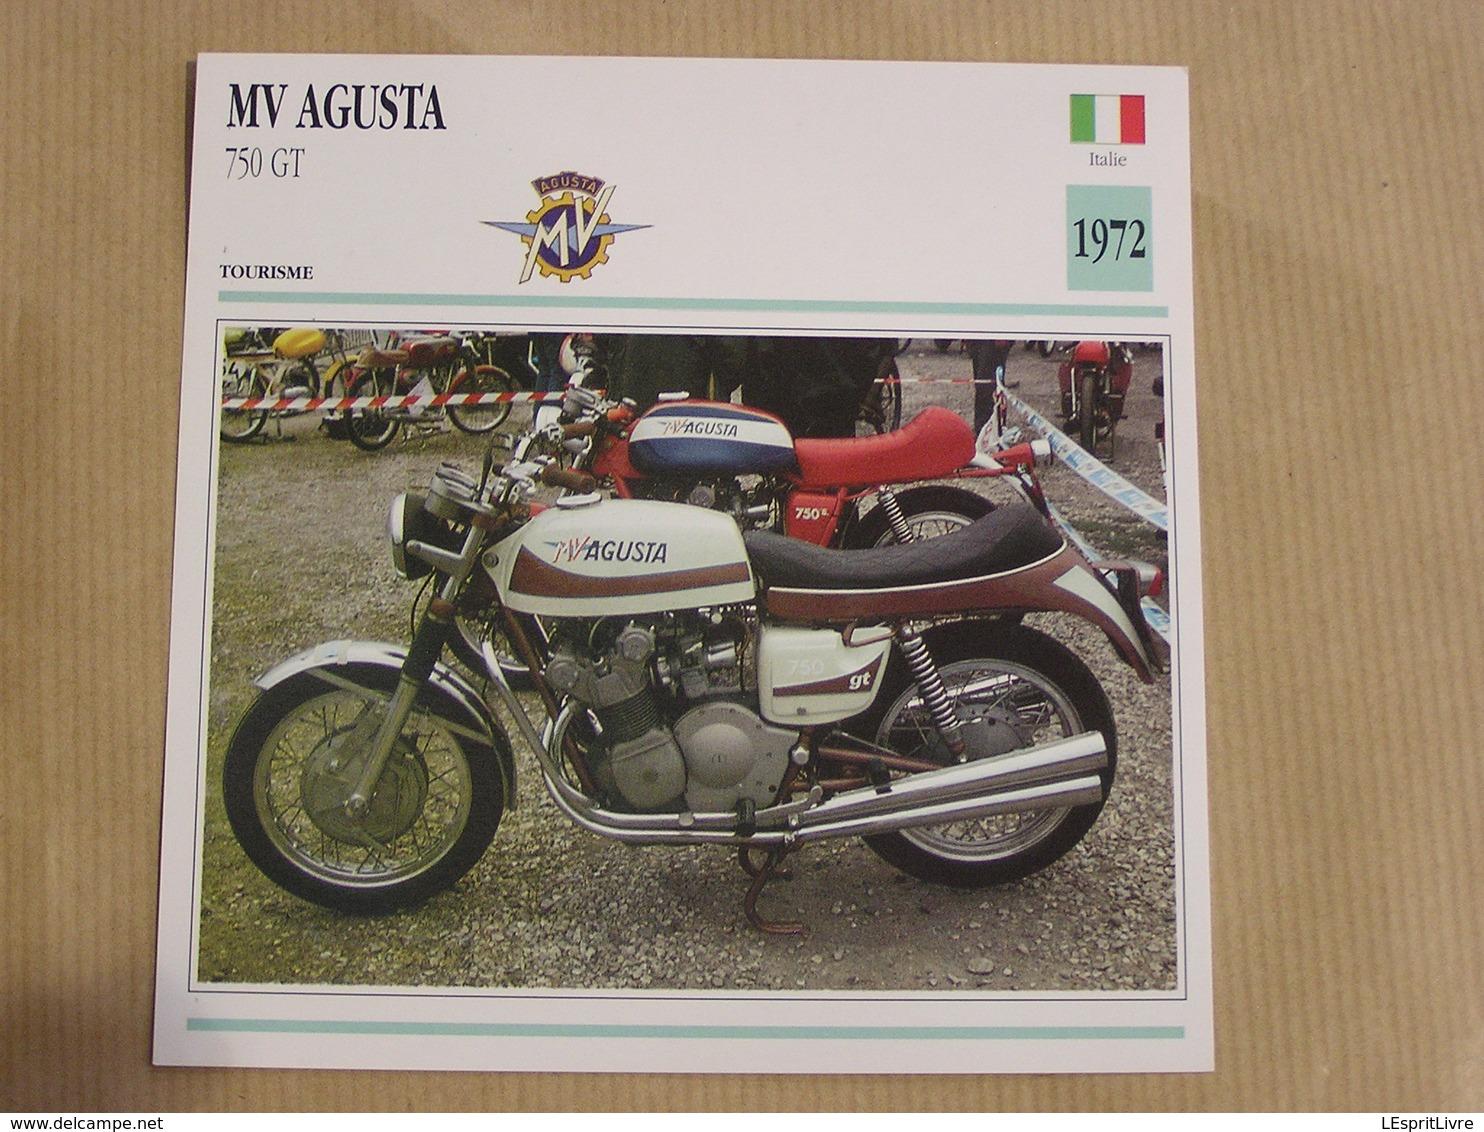 MV AGUSTA 750 GT Italie Italia 1972  Moto Fiche Descriptive Motocyclette Motos Motorcycle Motocyclette - Sammelkarten, Lernkarten